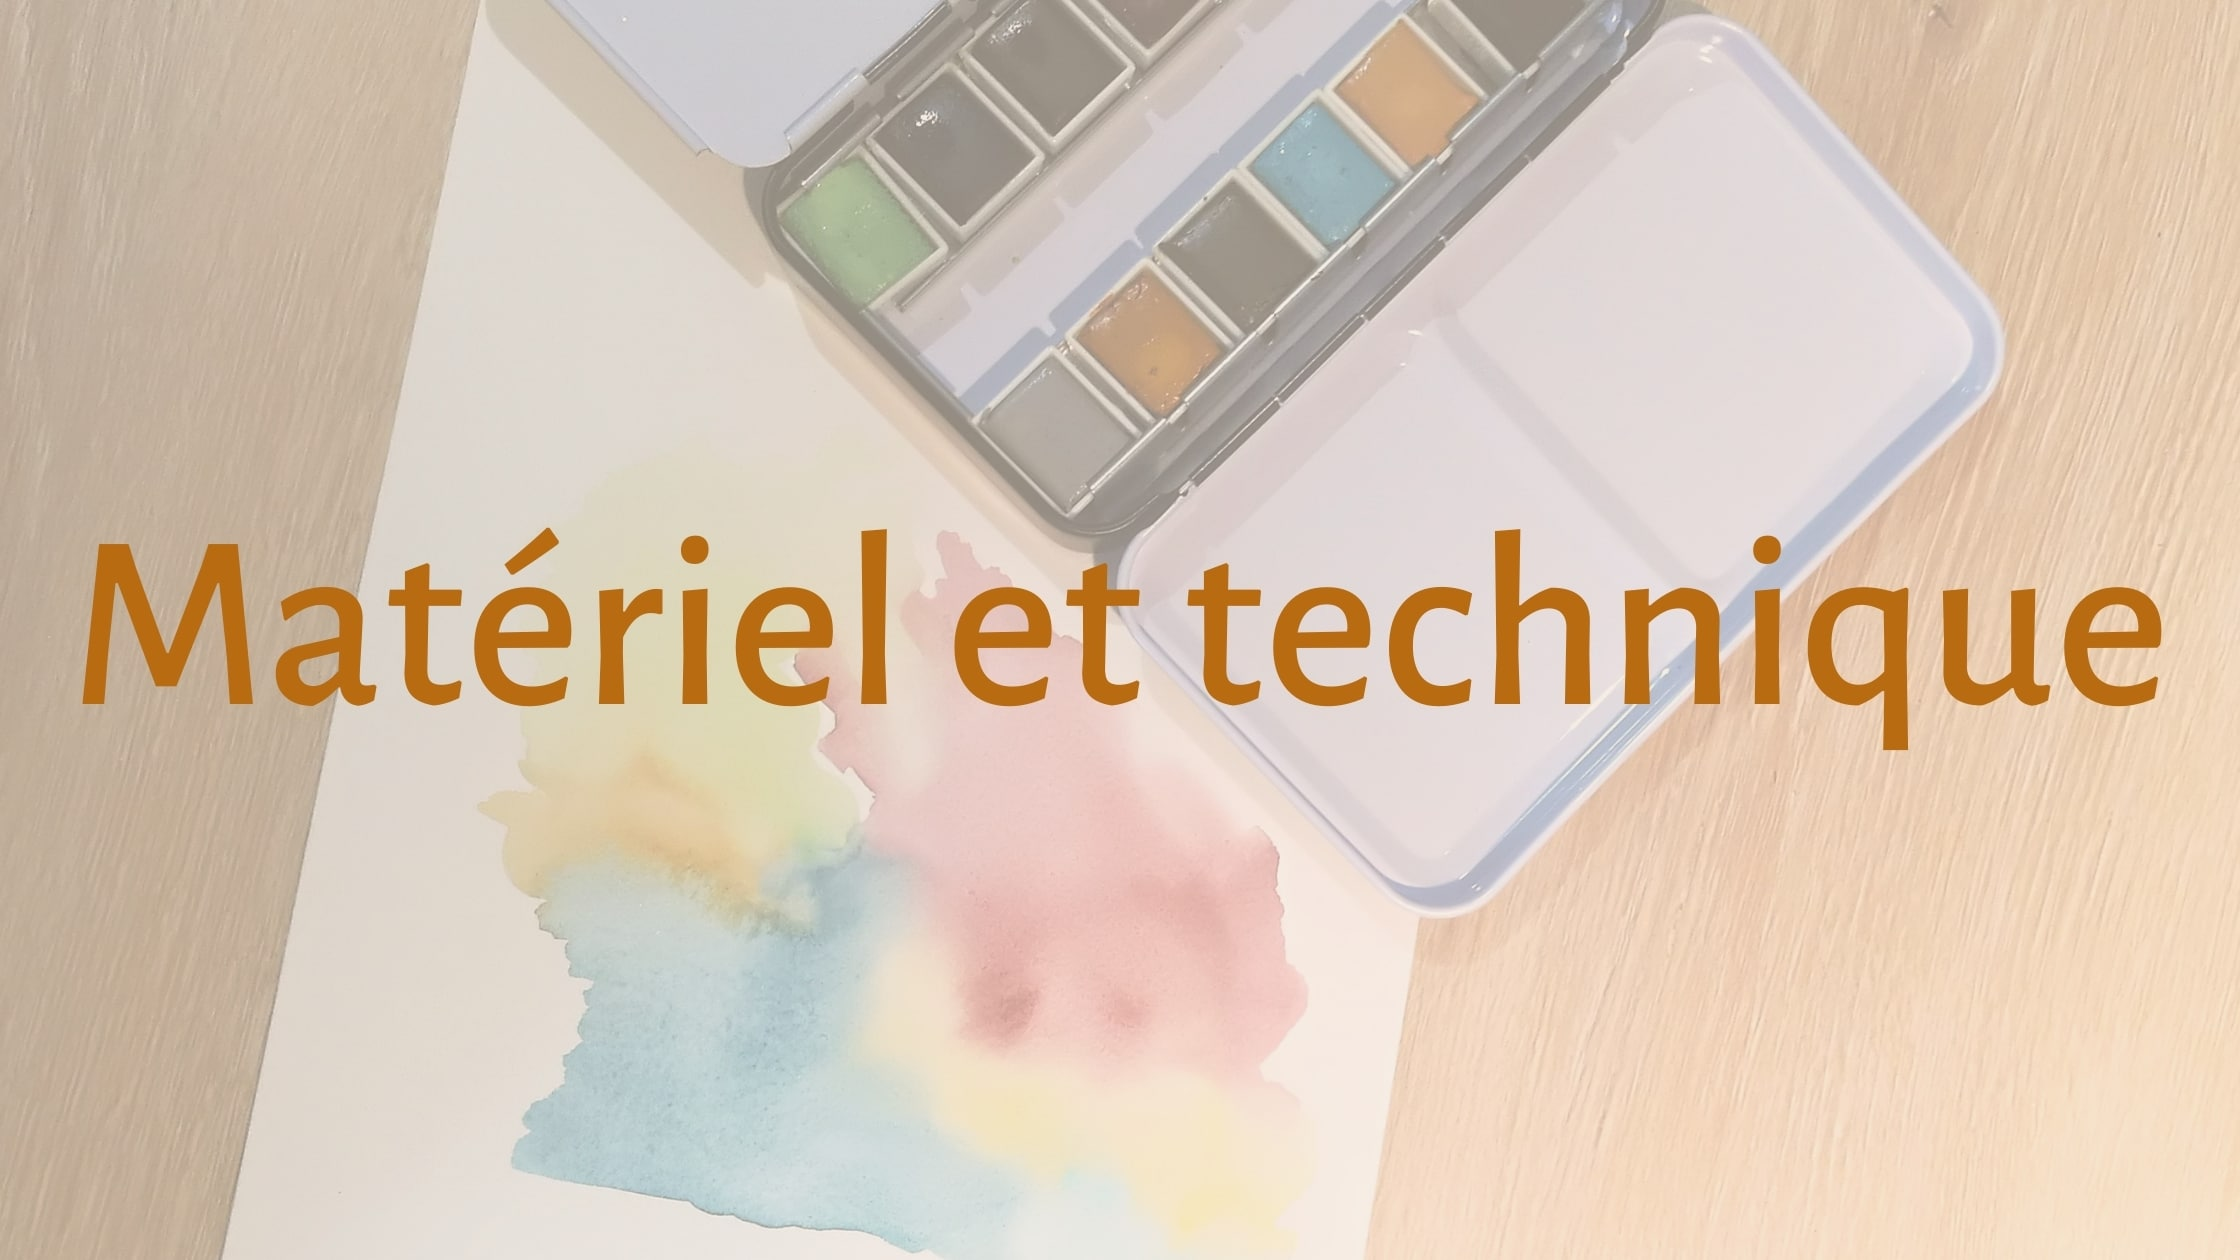 Matériel et technique - catégorie blog